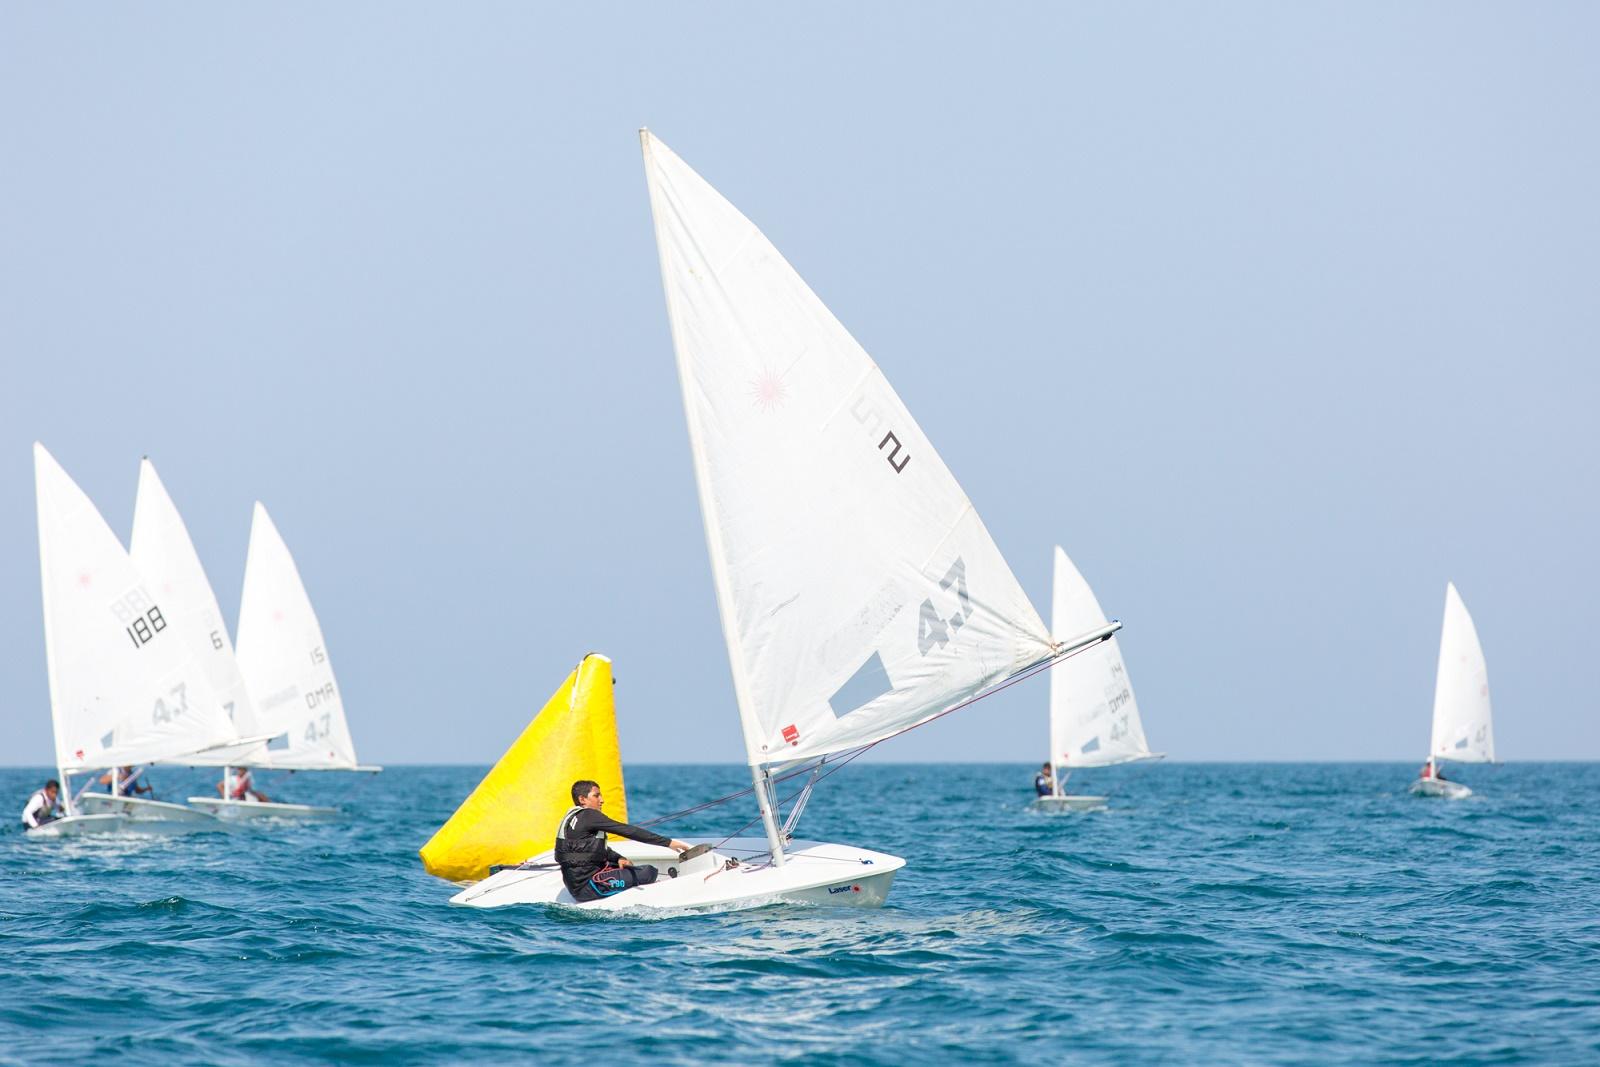 ختام سباقات المستوى في مدارس عمان للإبحار